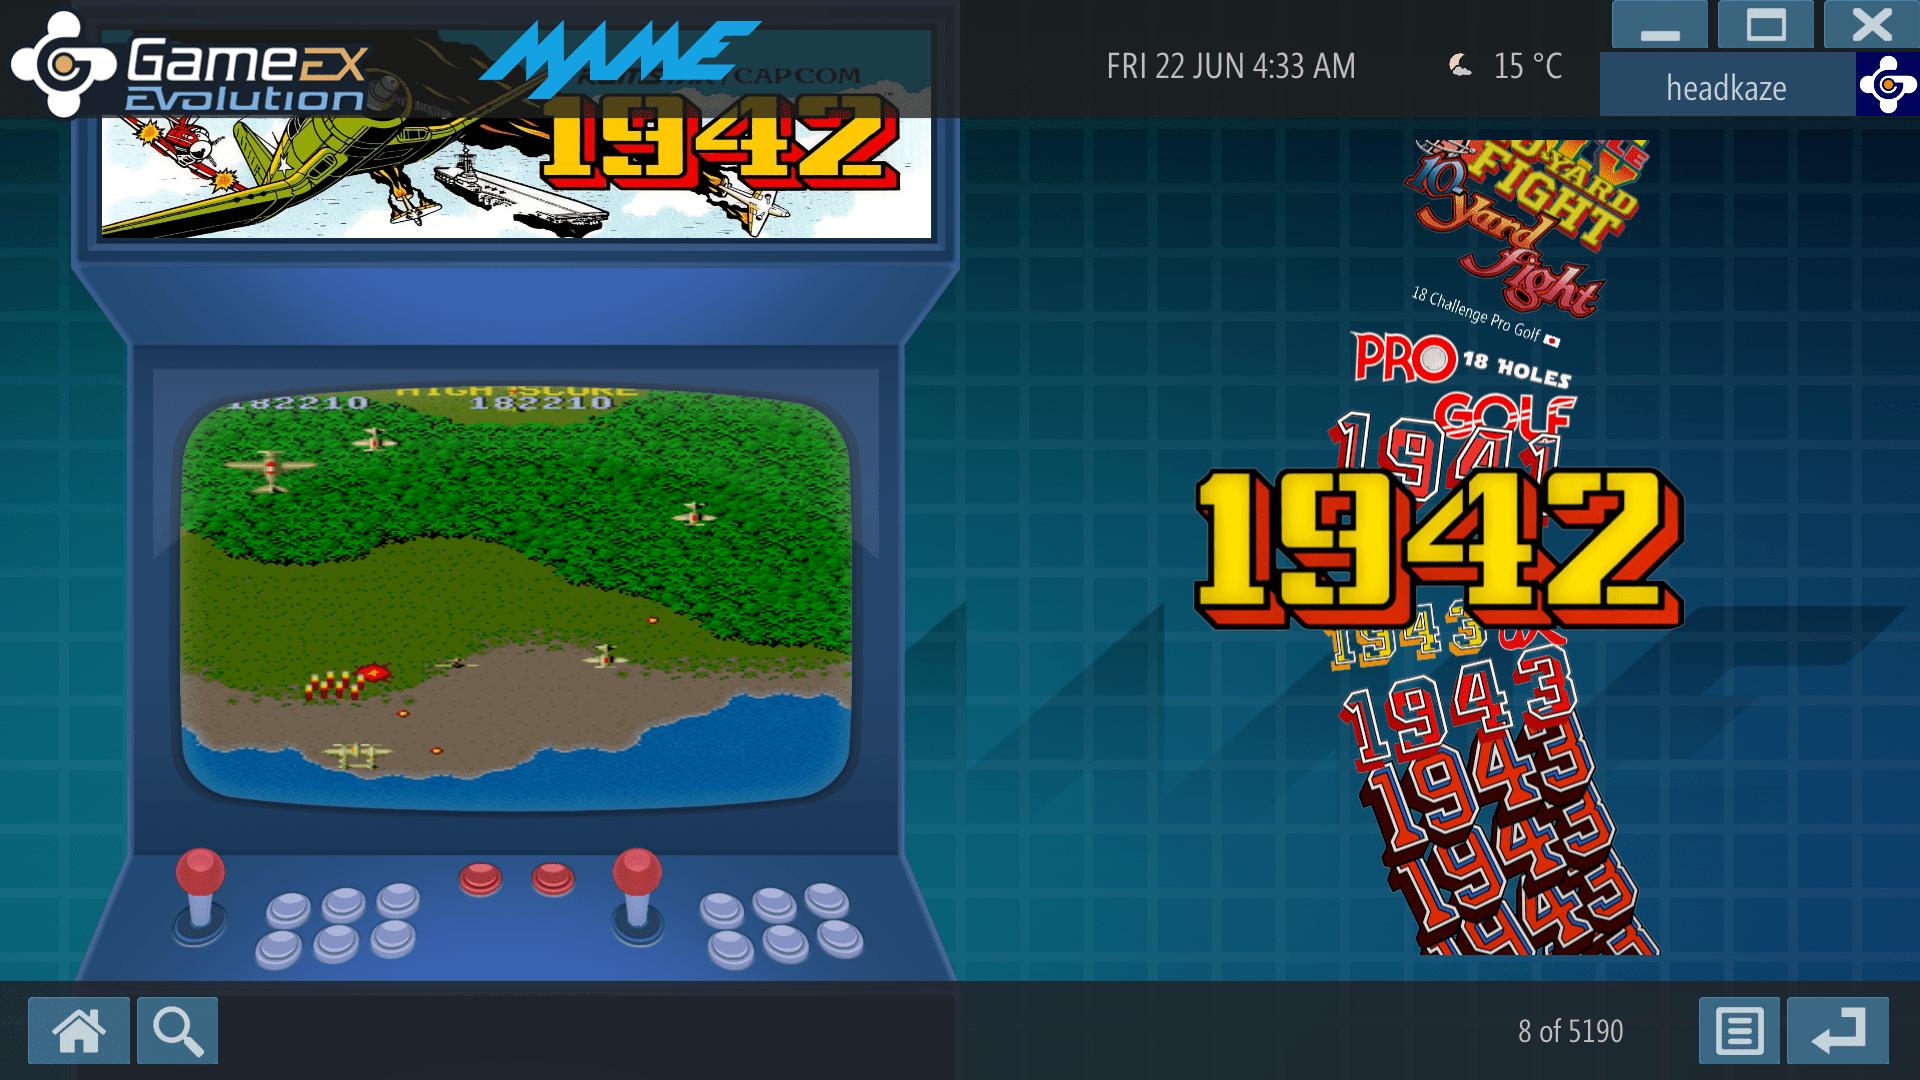 GameEx Evolution | GameEx